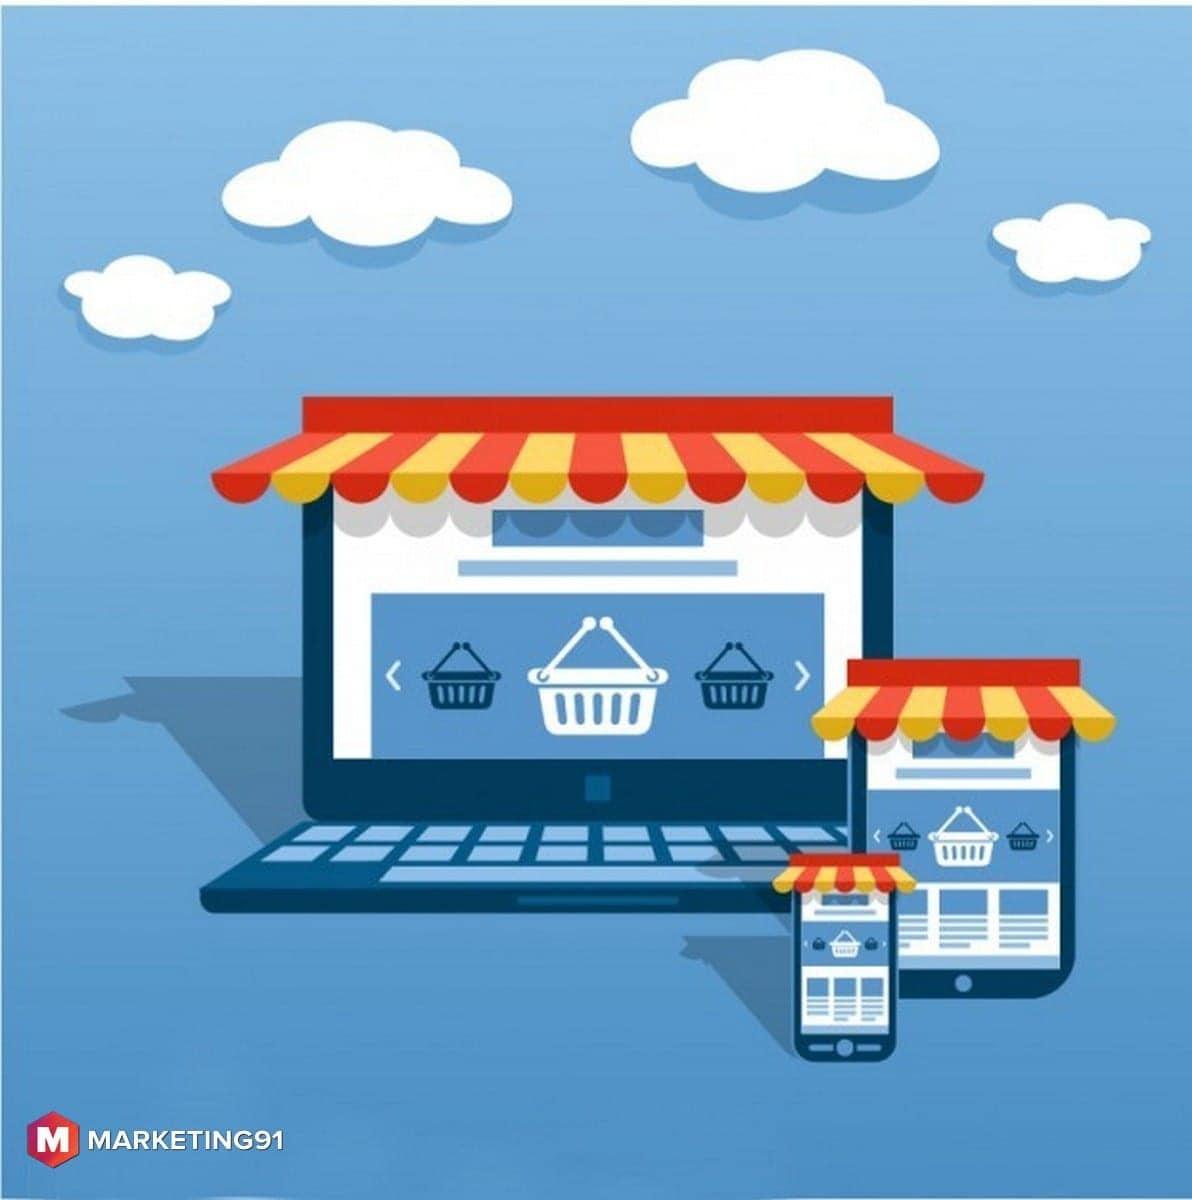 Business Model of E-Commerce